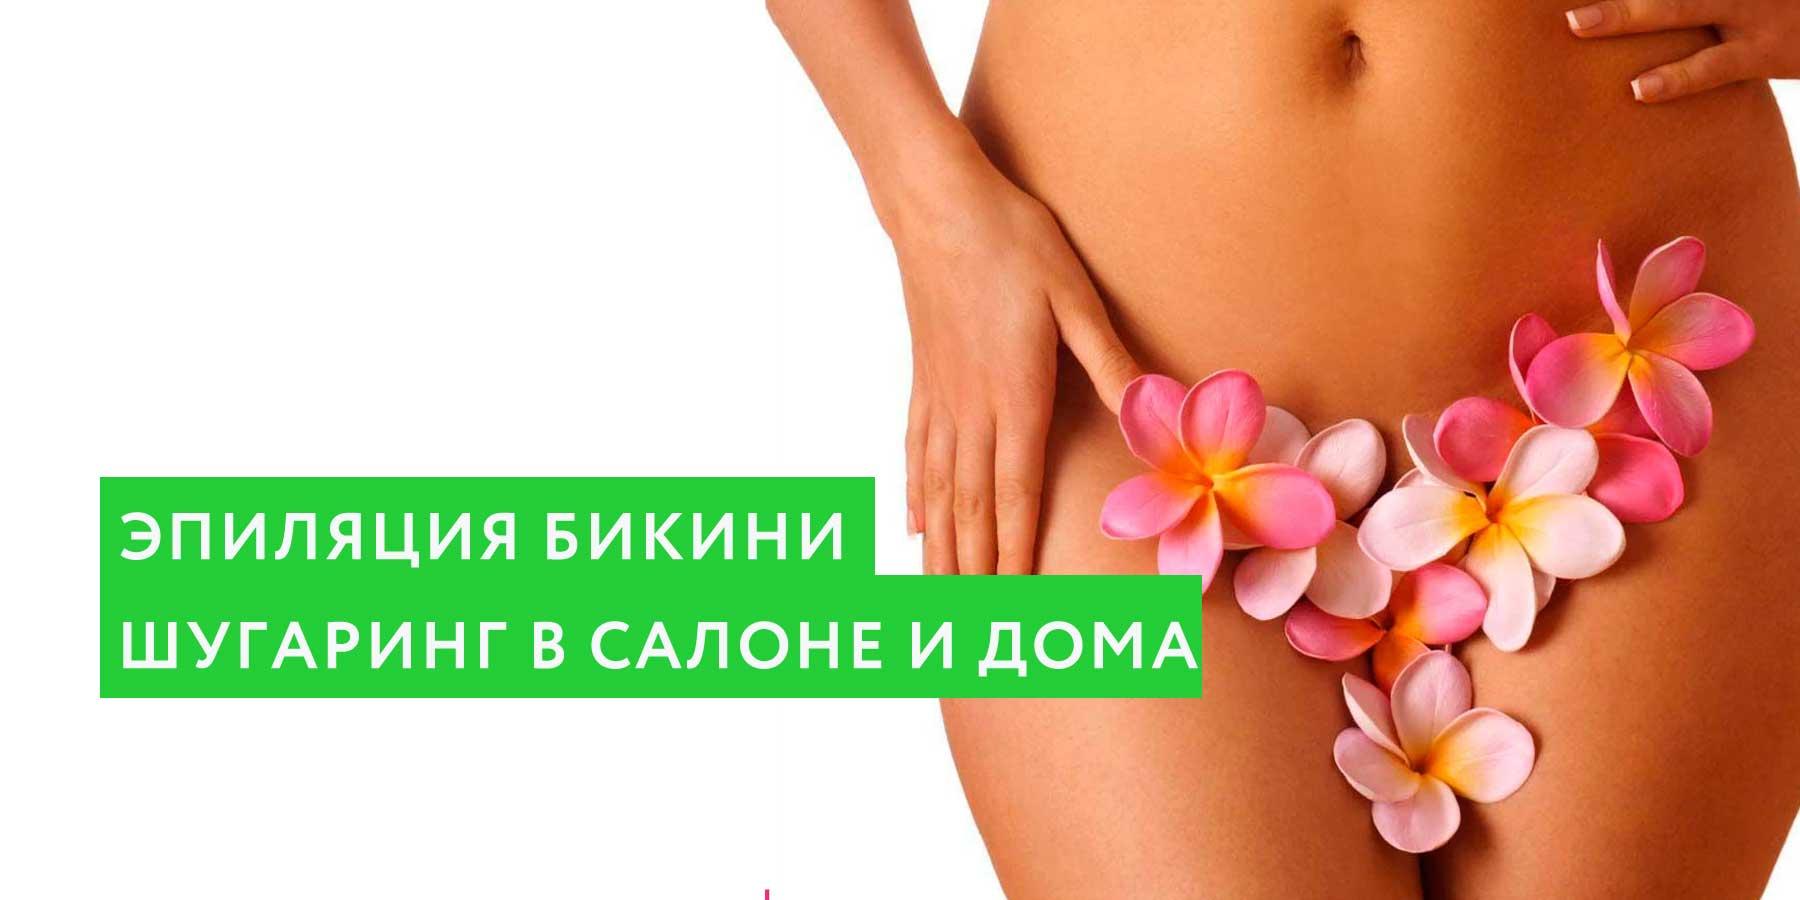 Эпиляция бикини: шугаринг в салоне и дома